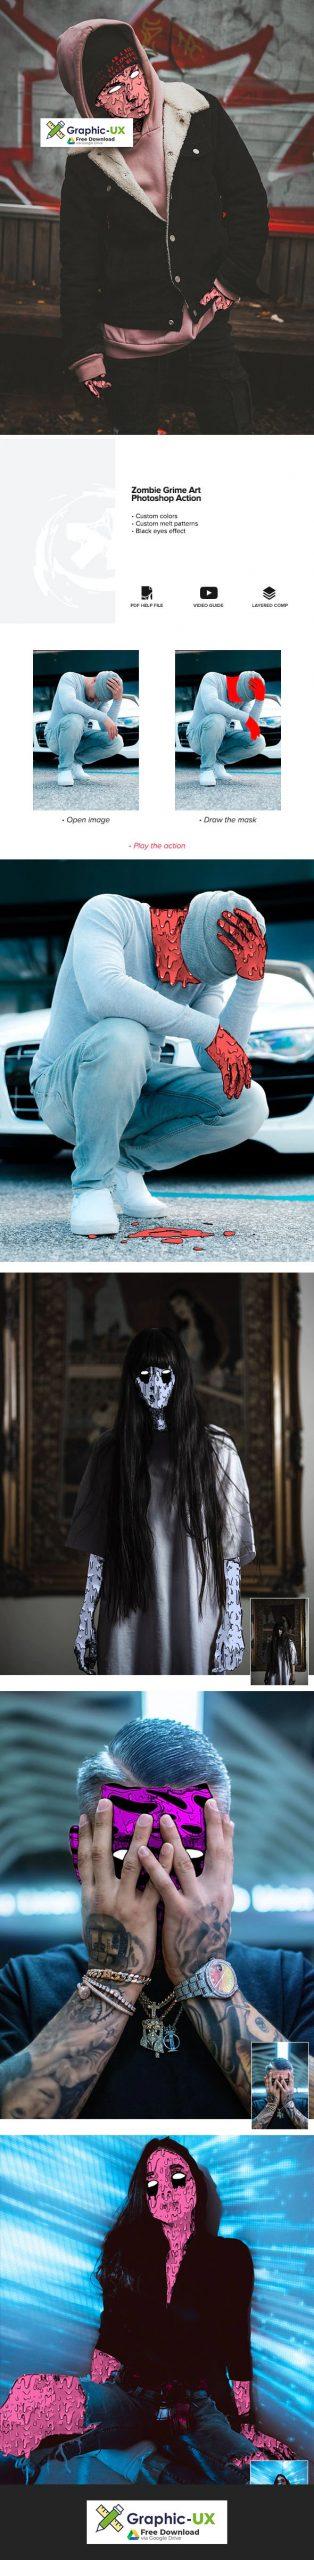 Zombie Grime Art Photoshop Action